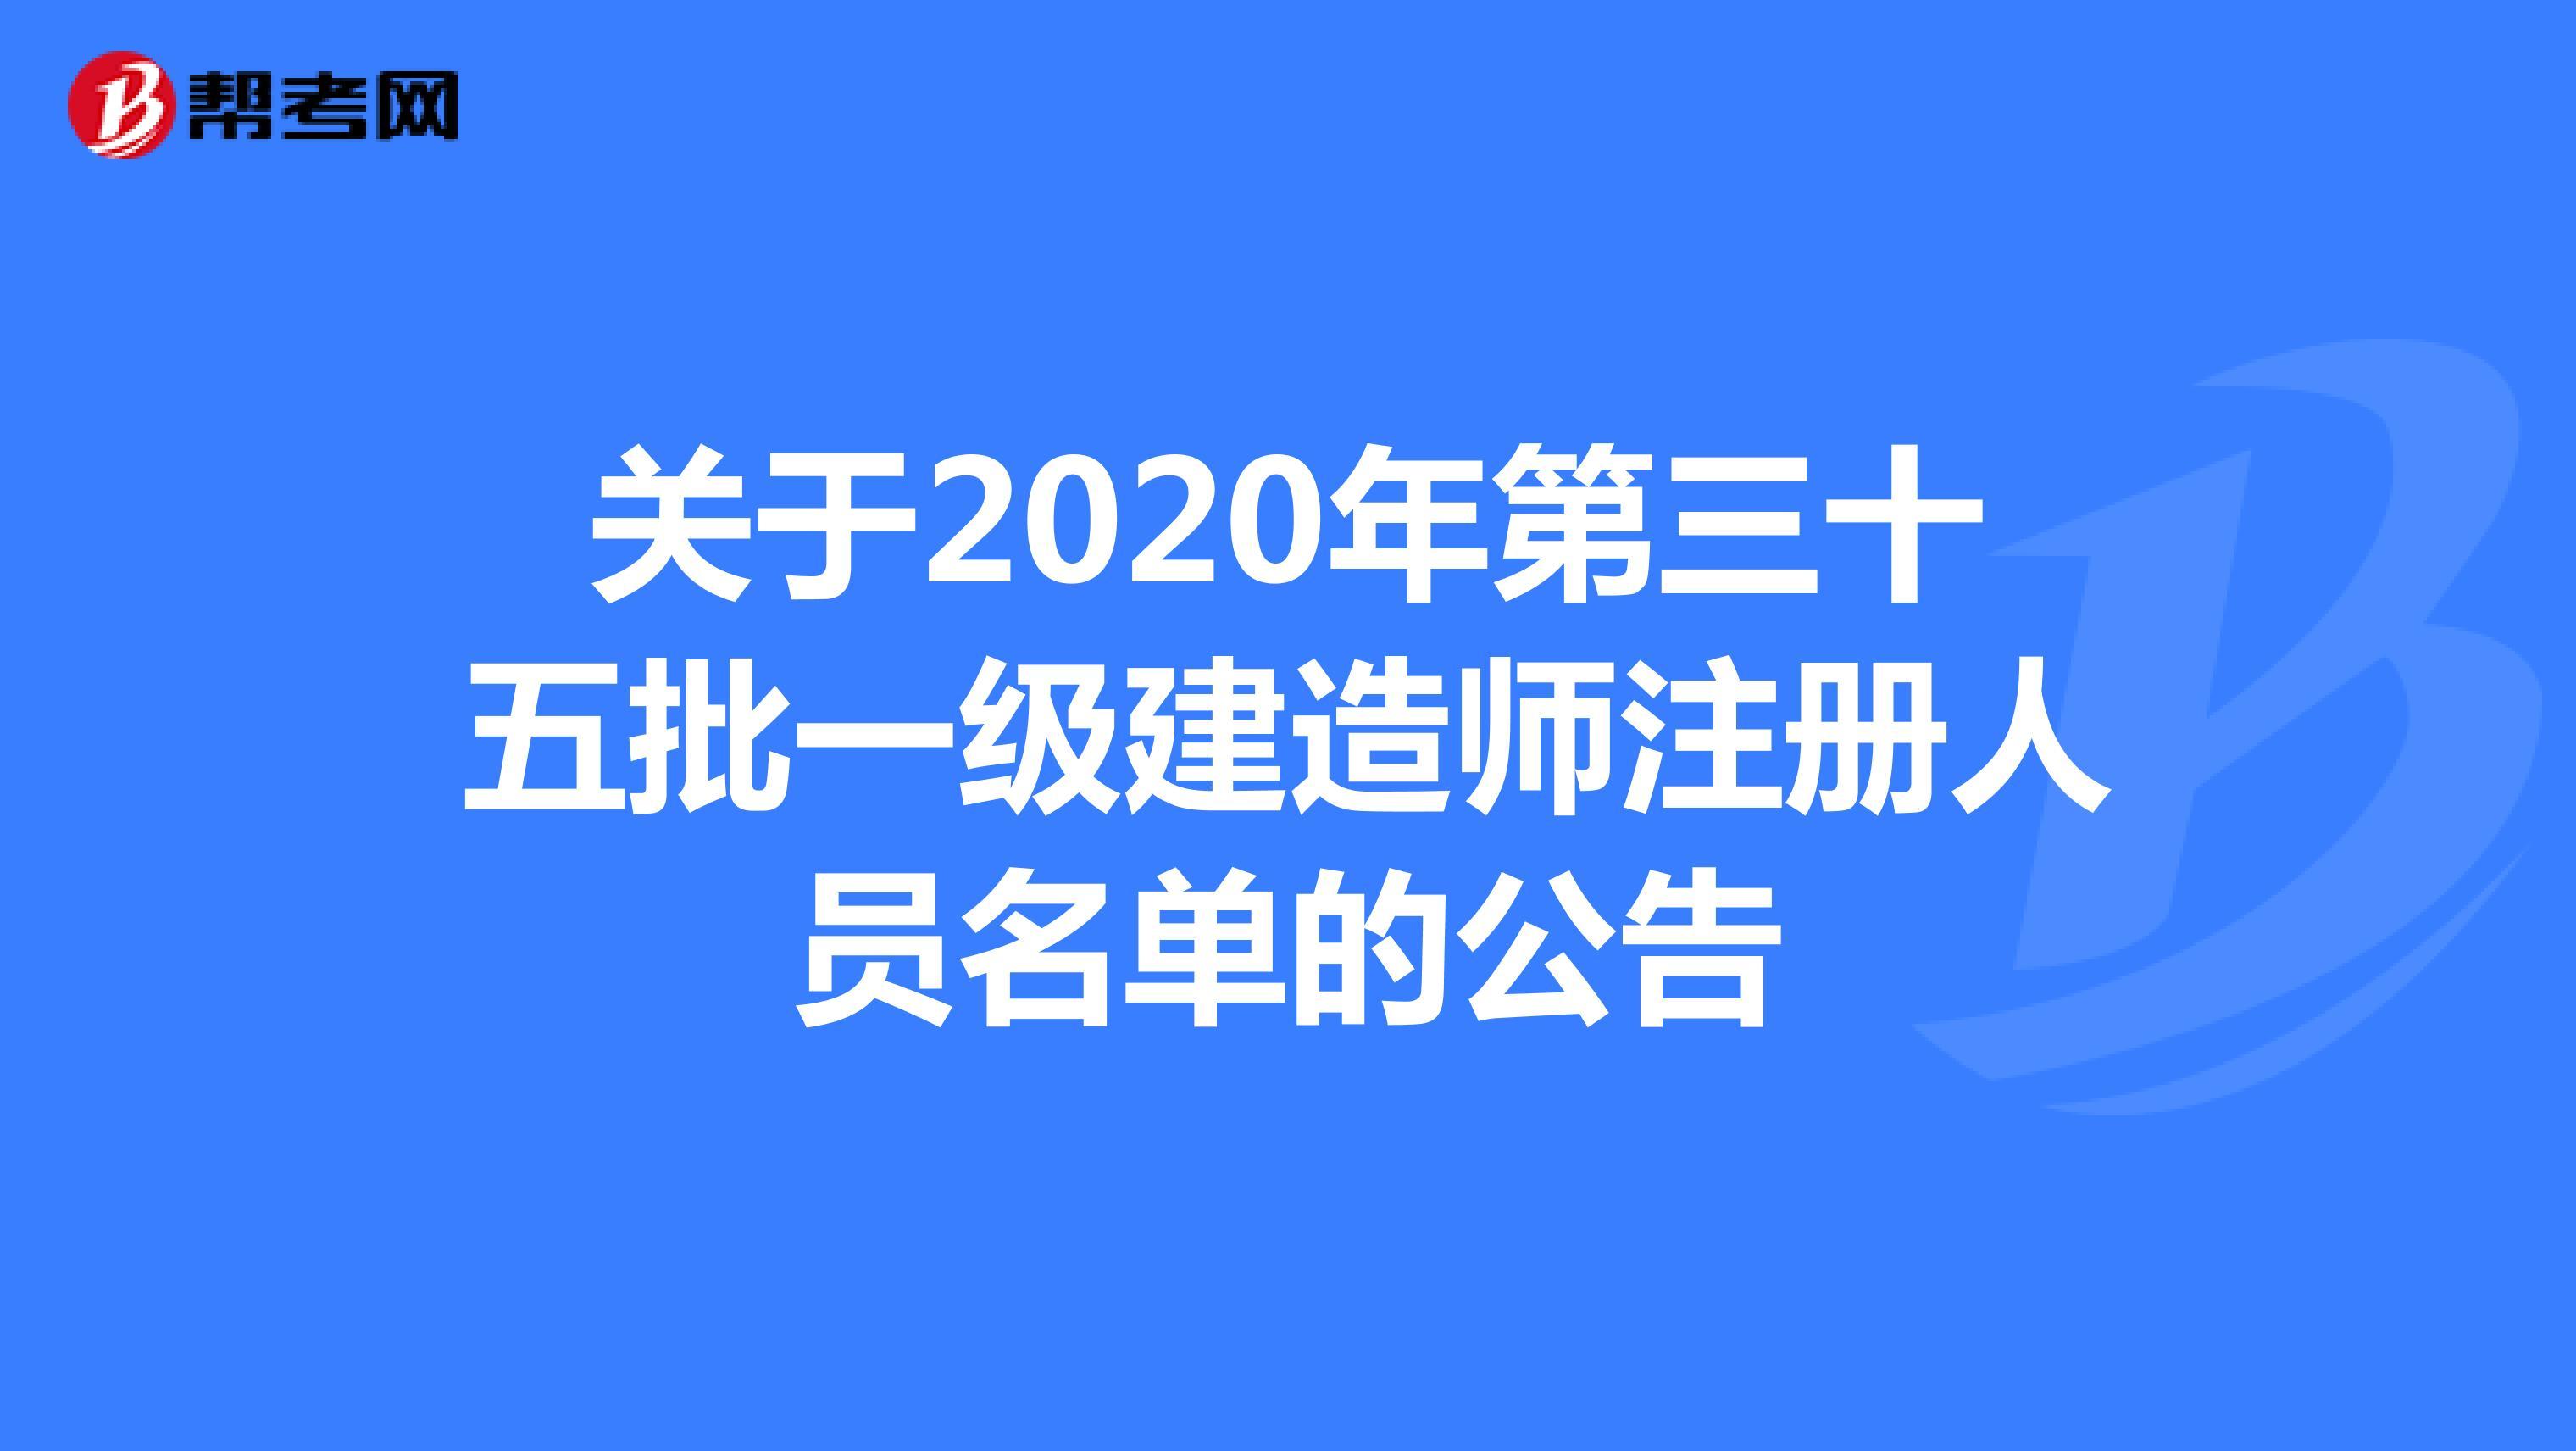 關于2020年第三十五批一級建造師注冊人員名單的公告